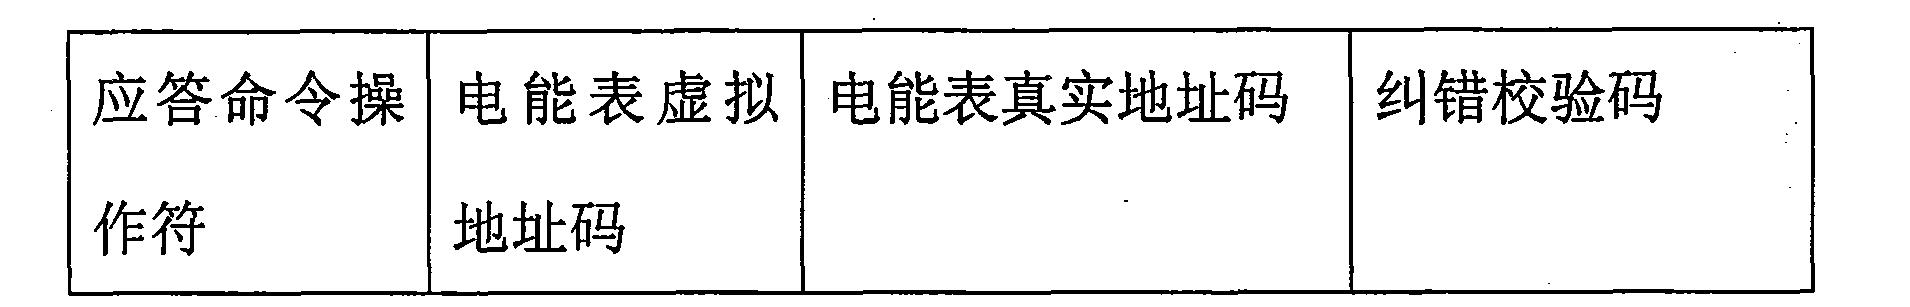 Figure CN104020347BD00053